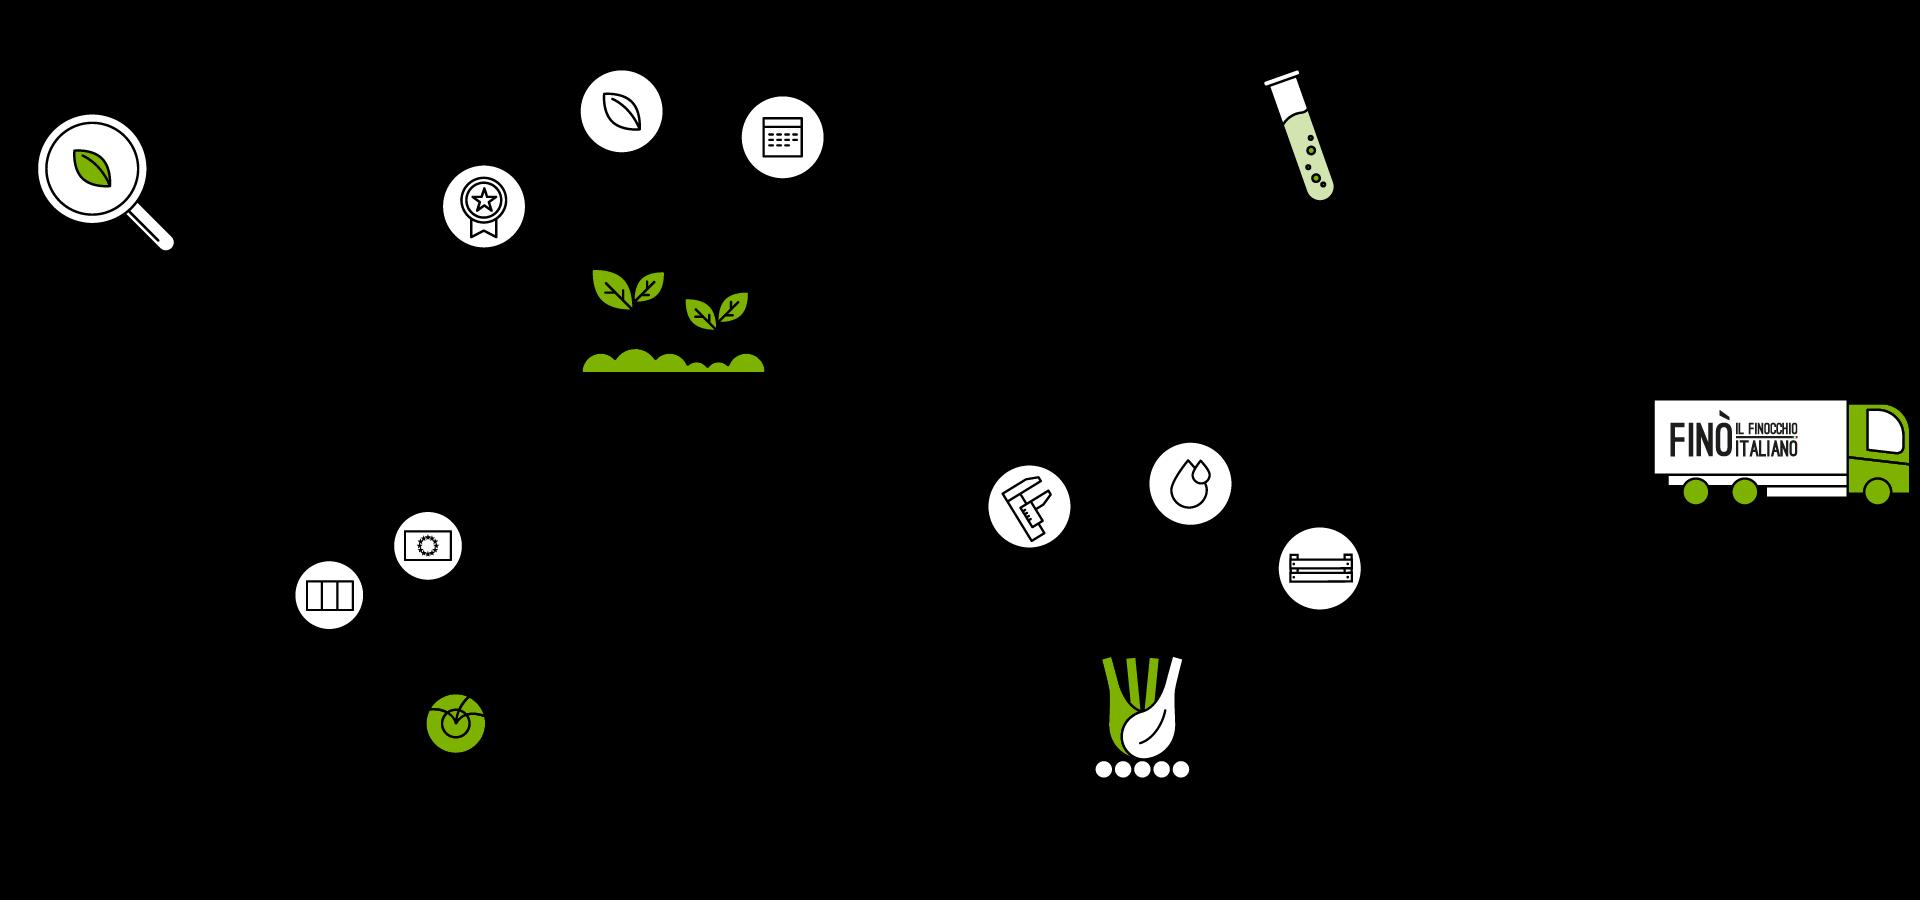 Infografica-filiera_Fino-finocchio-Italiano_Desktop